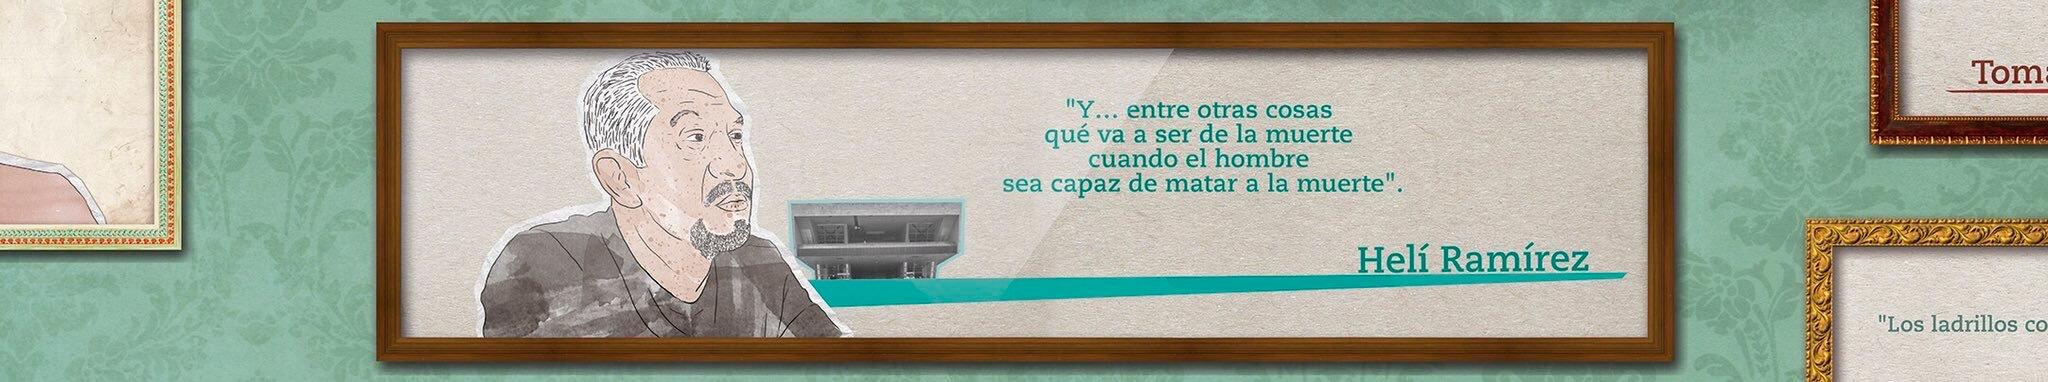 Ilustraciones-Tren-de-la-Cultura-2015.-Entre-líneas-el-gran-momento-de-la-literatura-en-Antioquia.-1